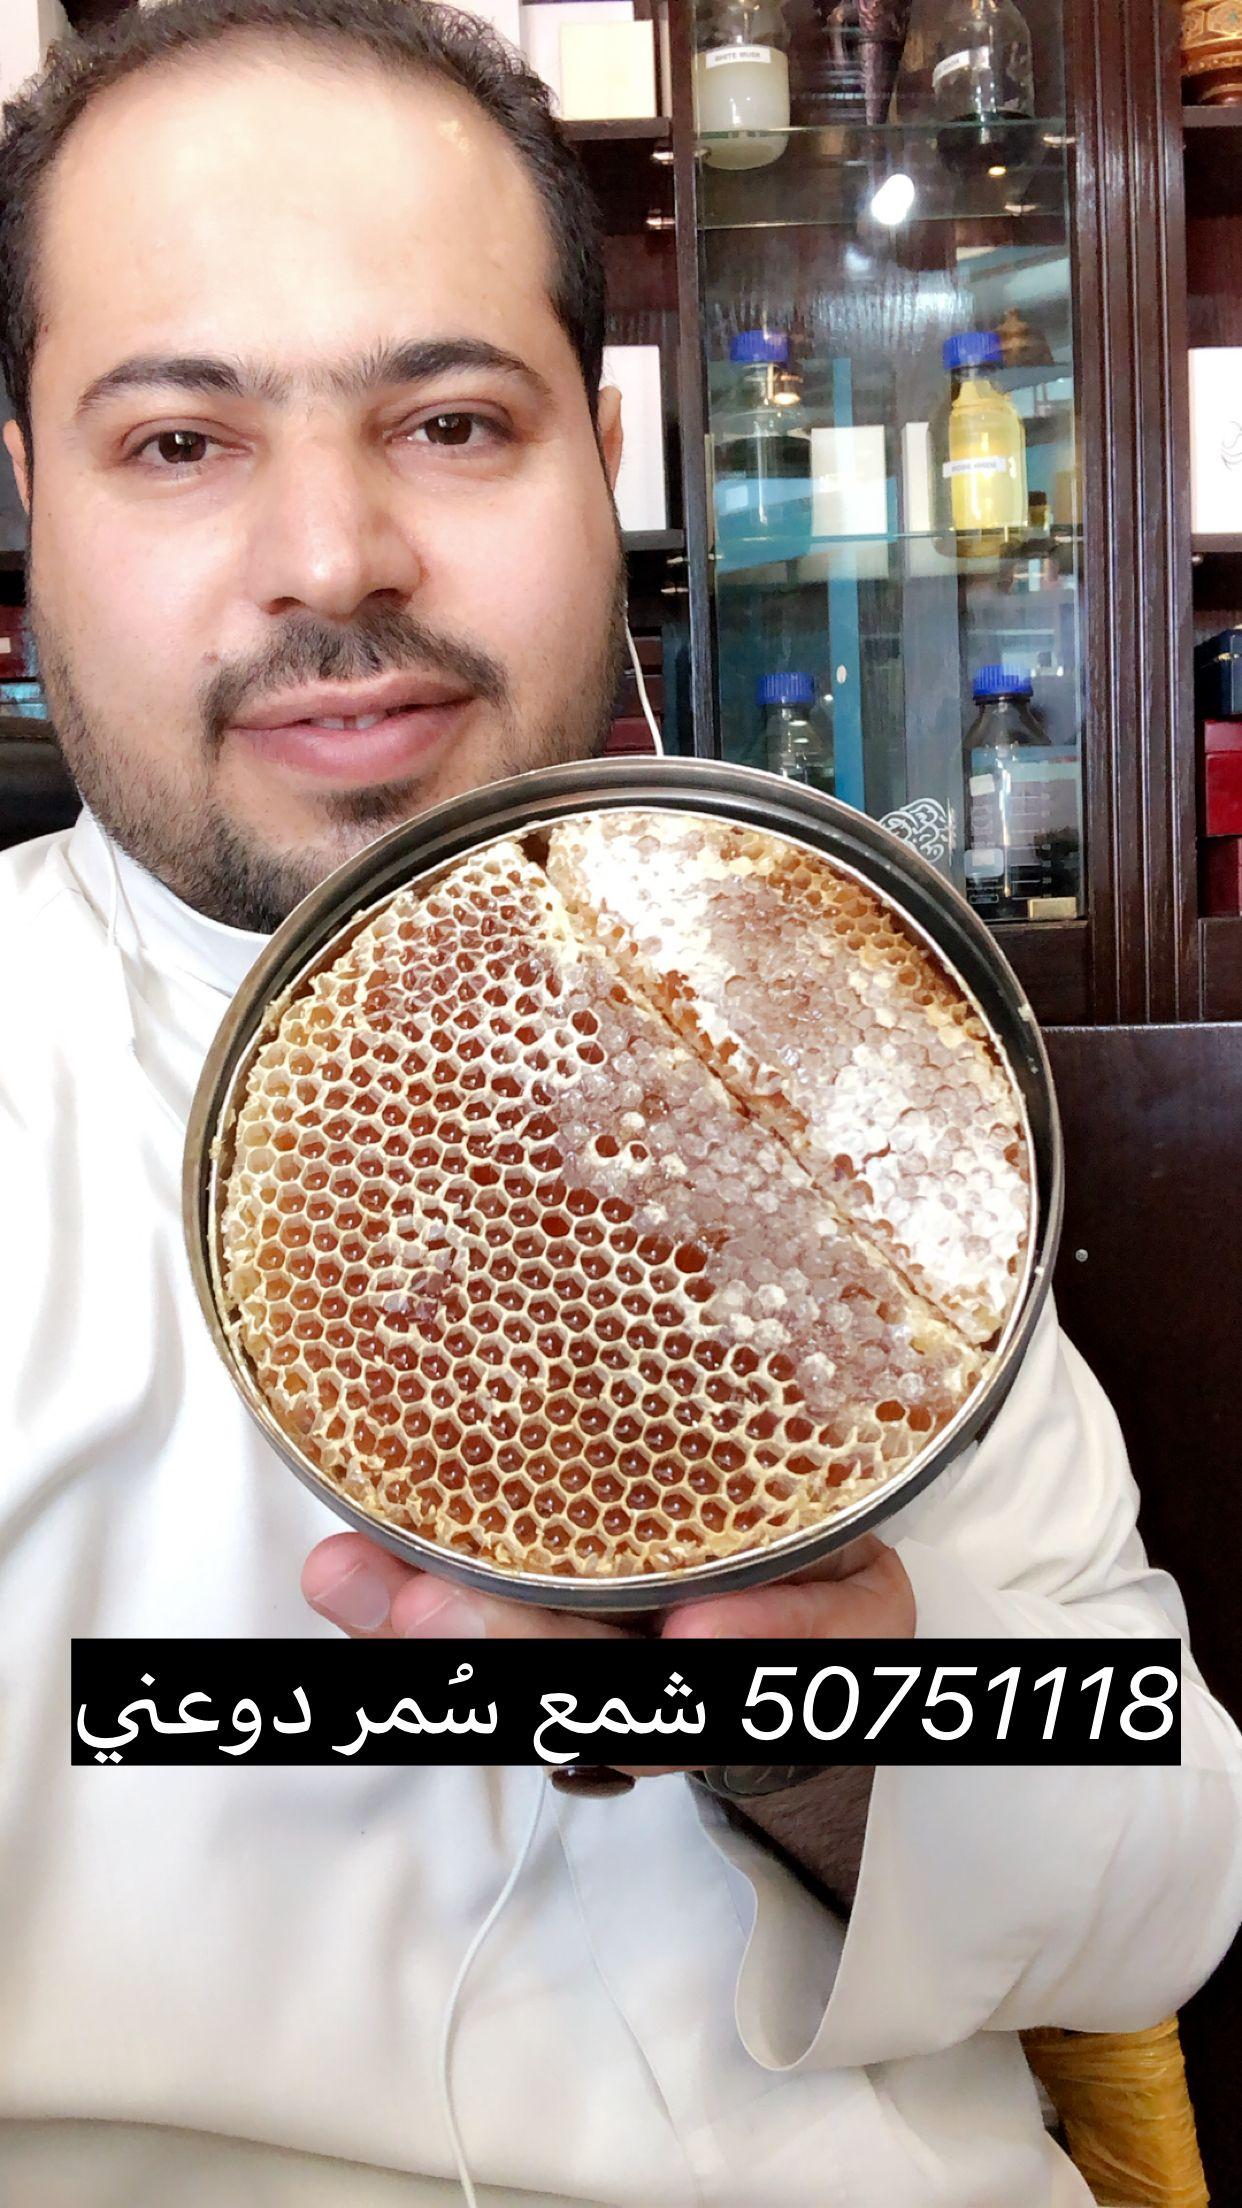 Honey Yemeny Honey Desserts Condiments